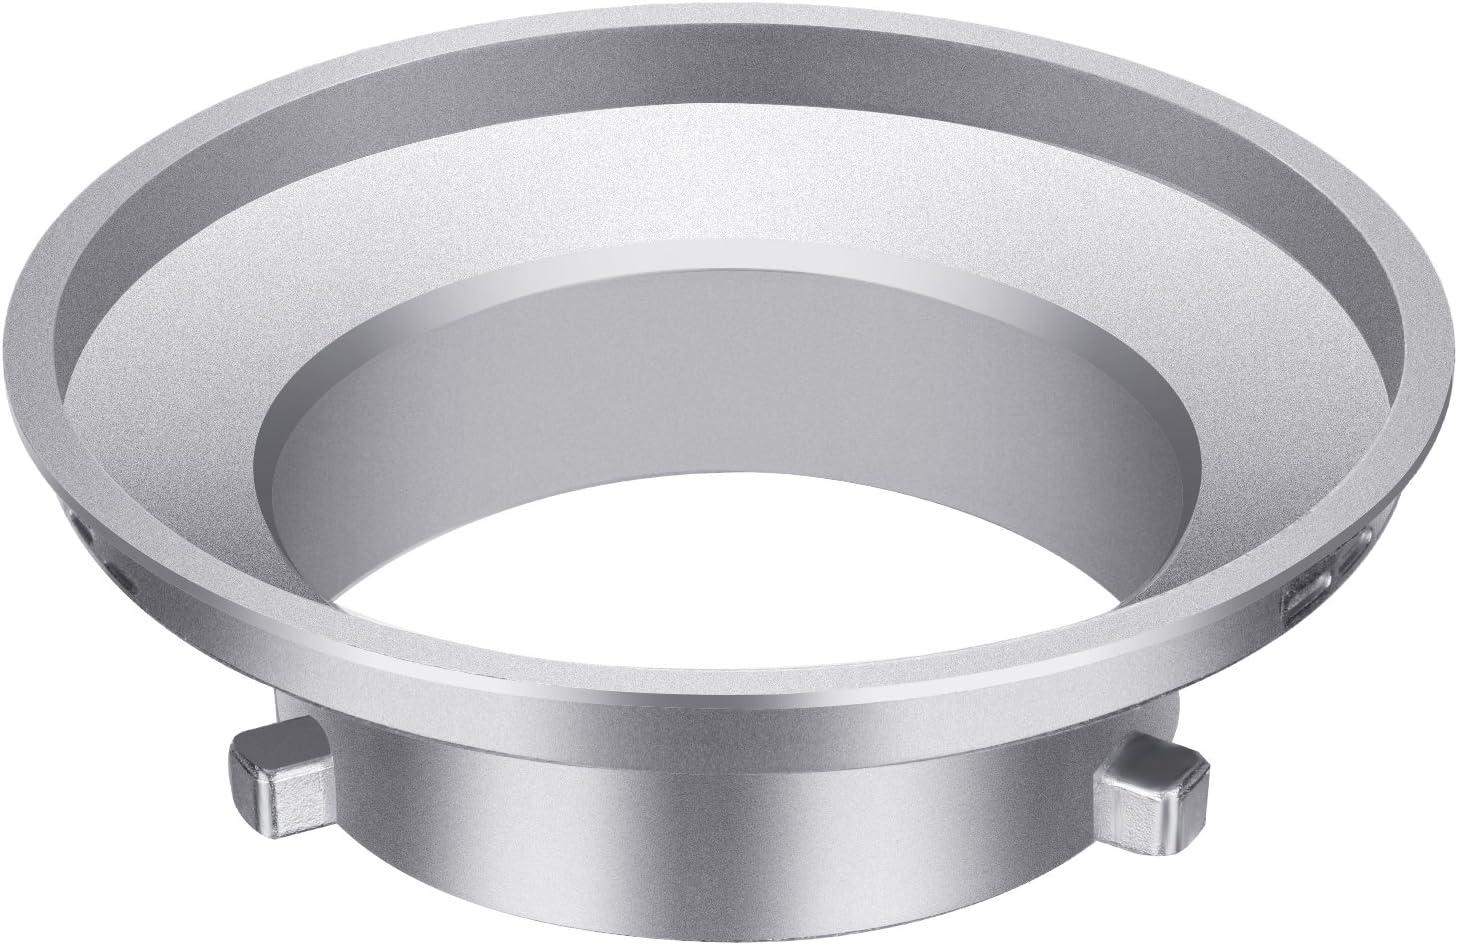 Neewer luz de flash, velocidad anillo adaptador para Softbox Bowens flash Monolight y suave caja – Aleación de aluminio, 3,8 pulgadas/9,6 cm de diámetro interior y 5,9 pulgadas/15 cm diámetro exterior: Amazon.es: Electrónica